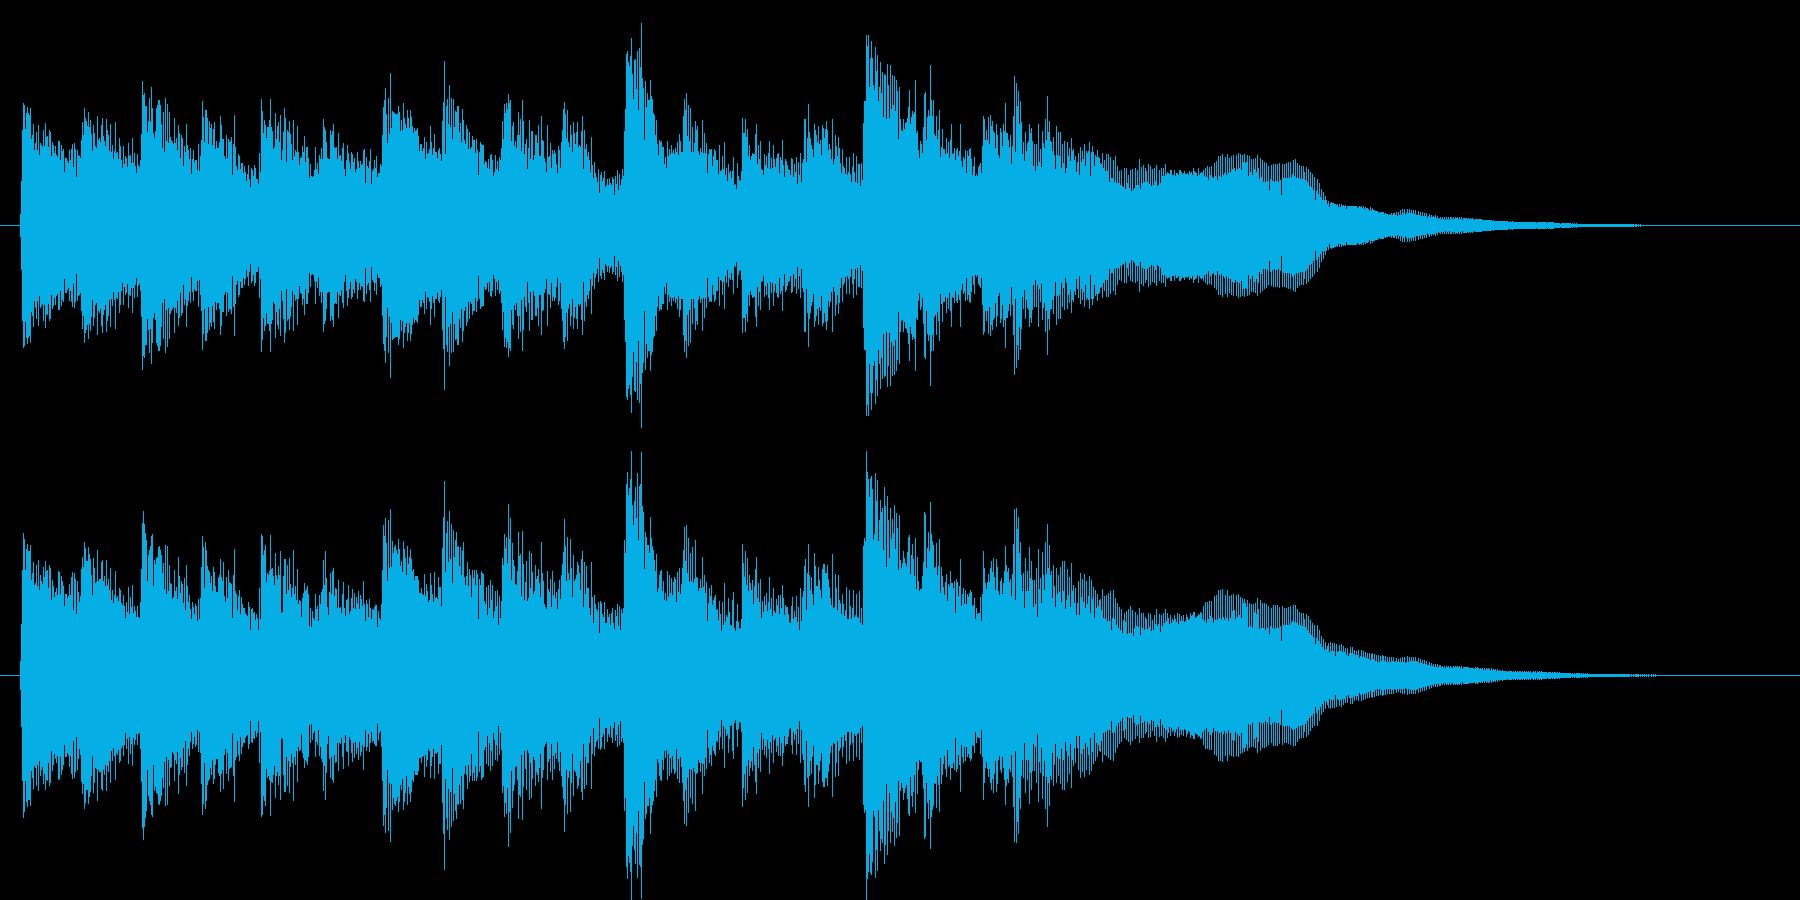 おしらせチャイム(メルヘン)の再生済みの波形